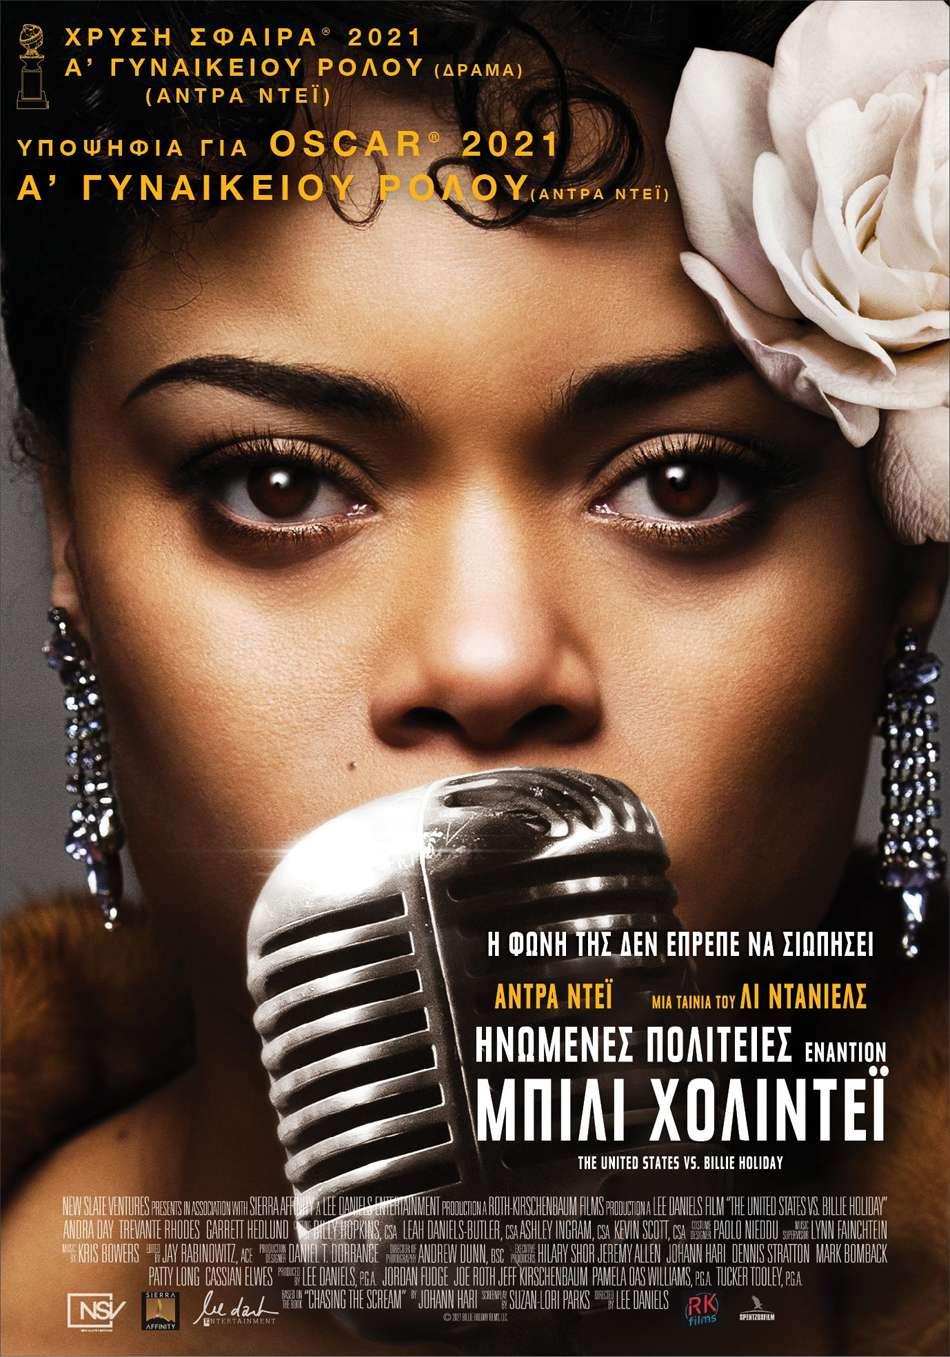 Ηνωμένες Πολιτείες Εναντίον Μπίλι Χολιντέι (The United States vs. Billie Holiday) Poster Πόστερ